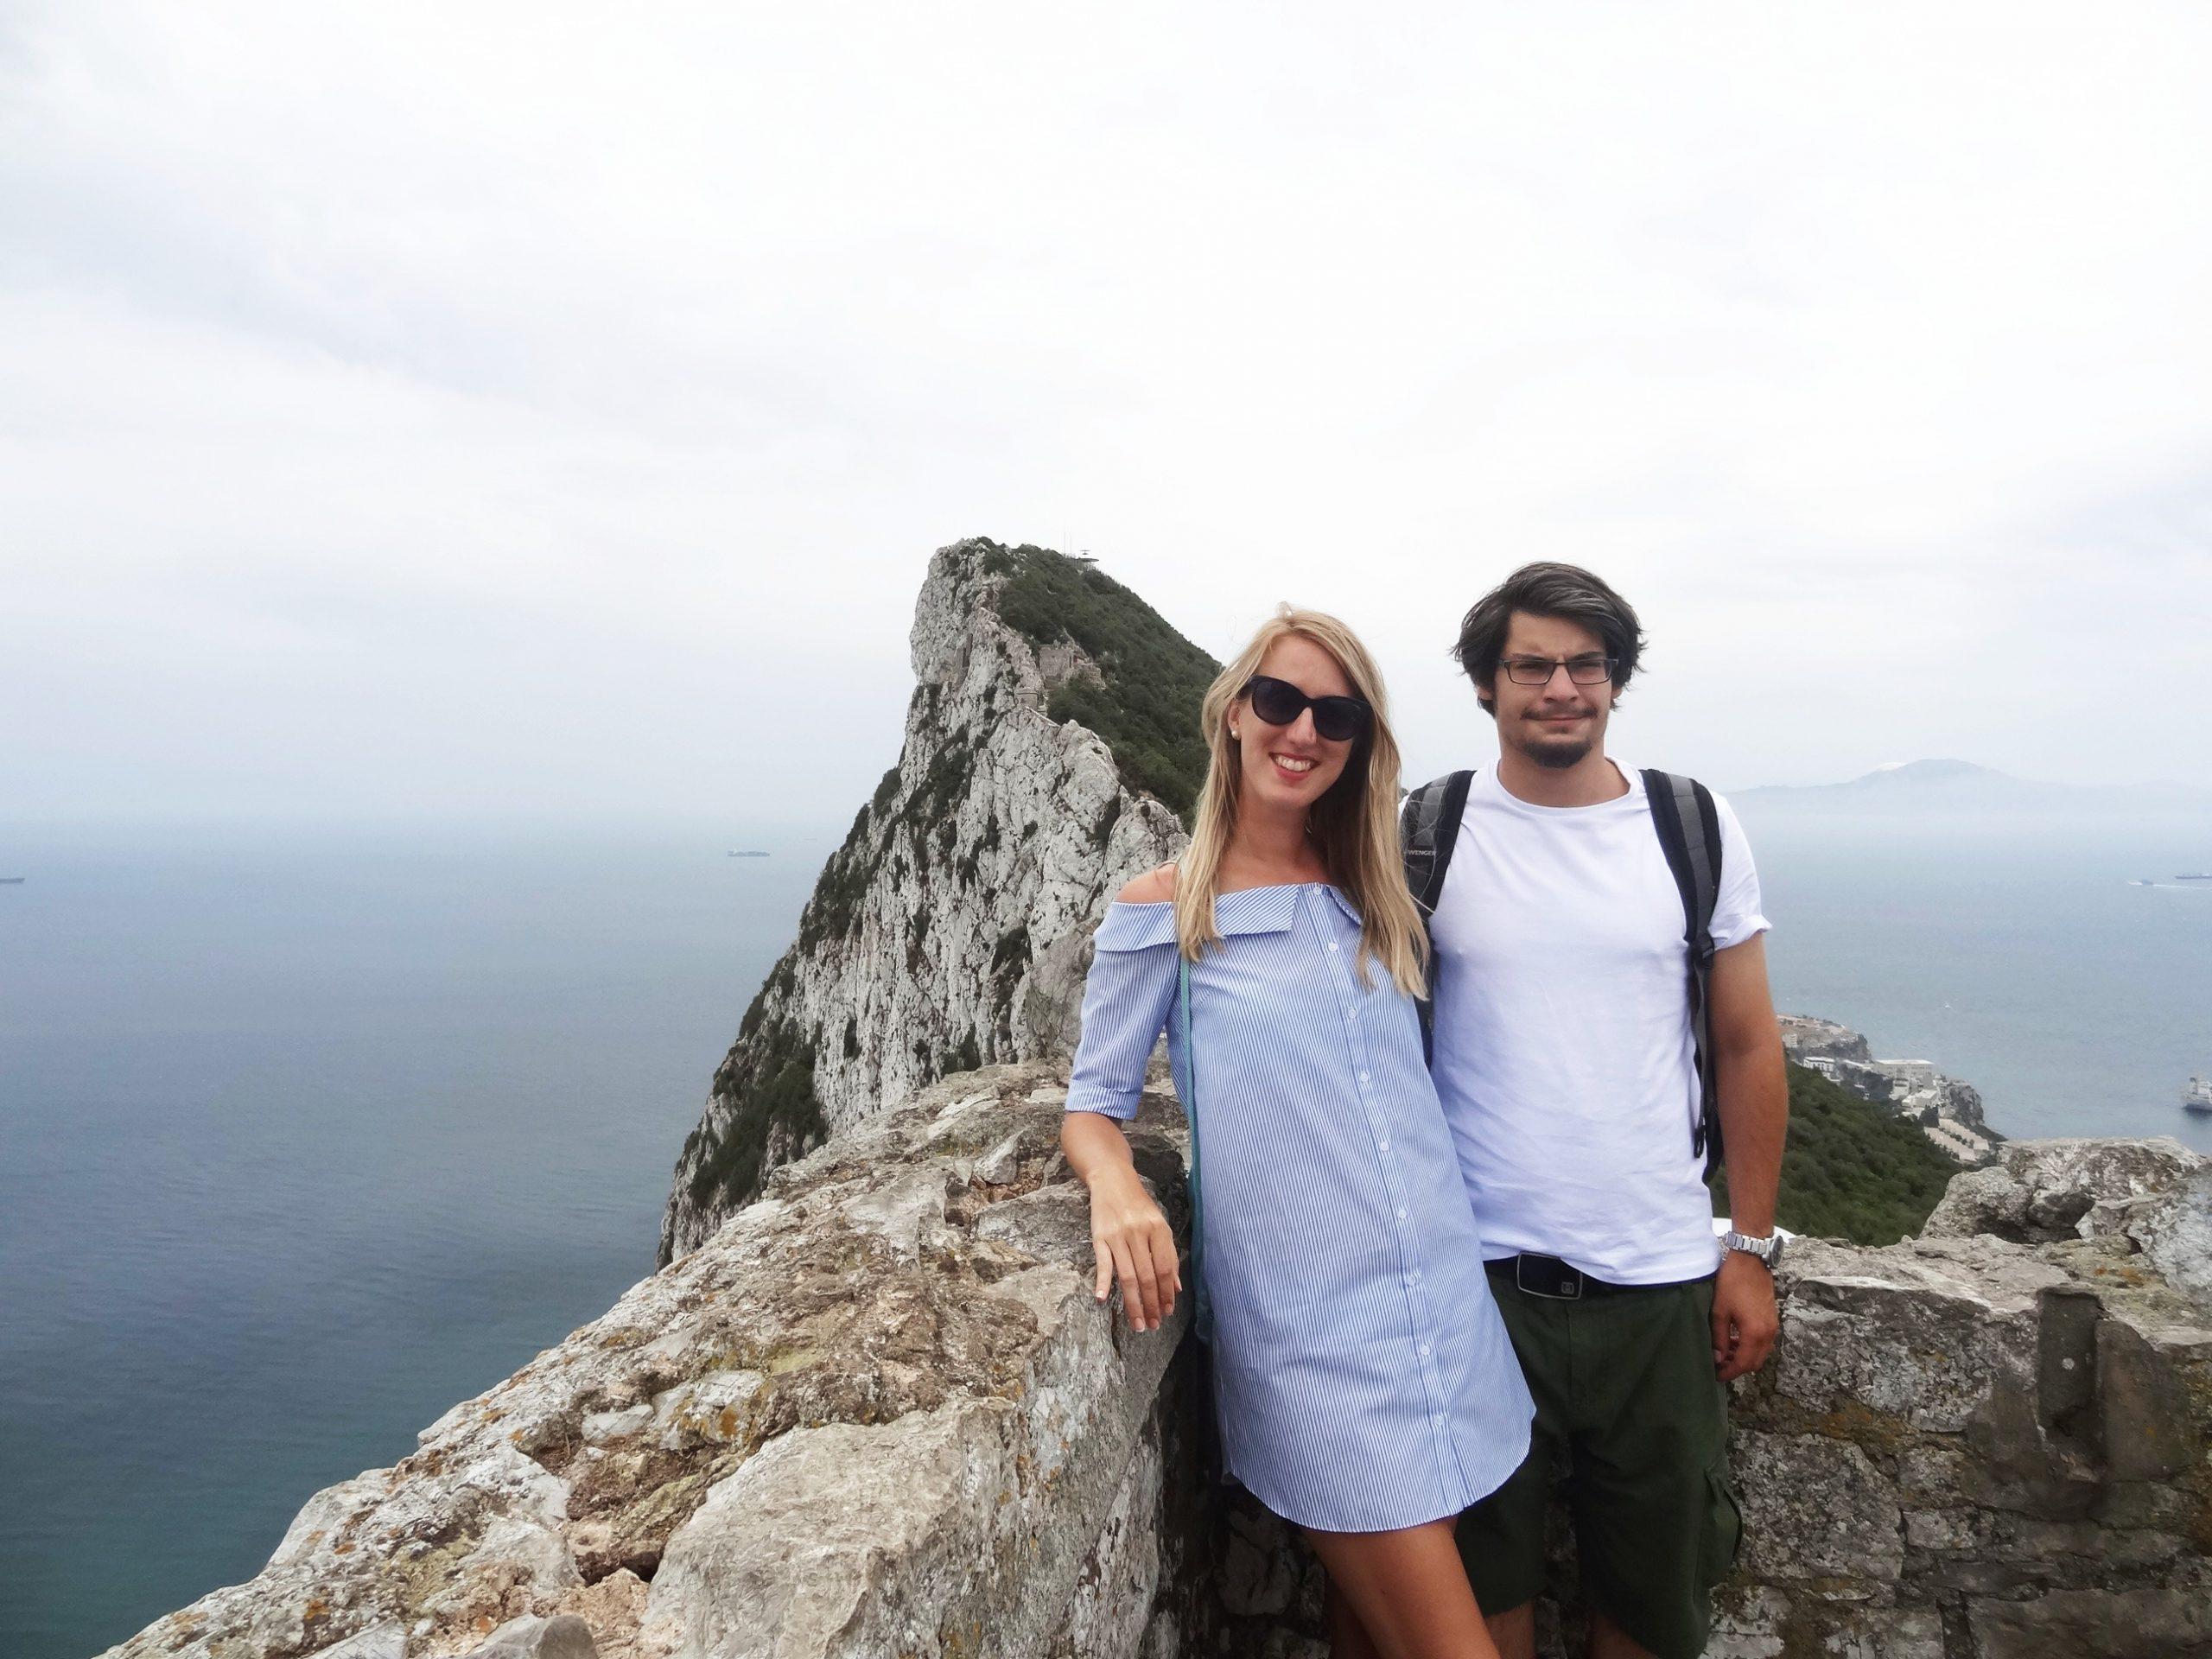 Gibraltár, kúsok Británie na juhu Španielska